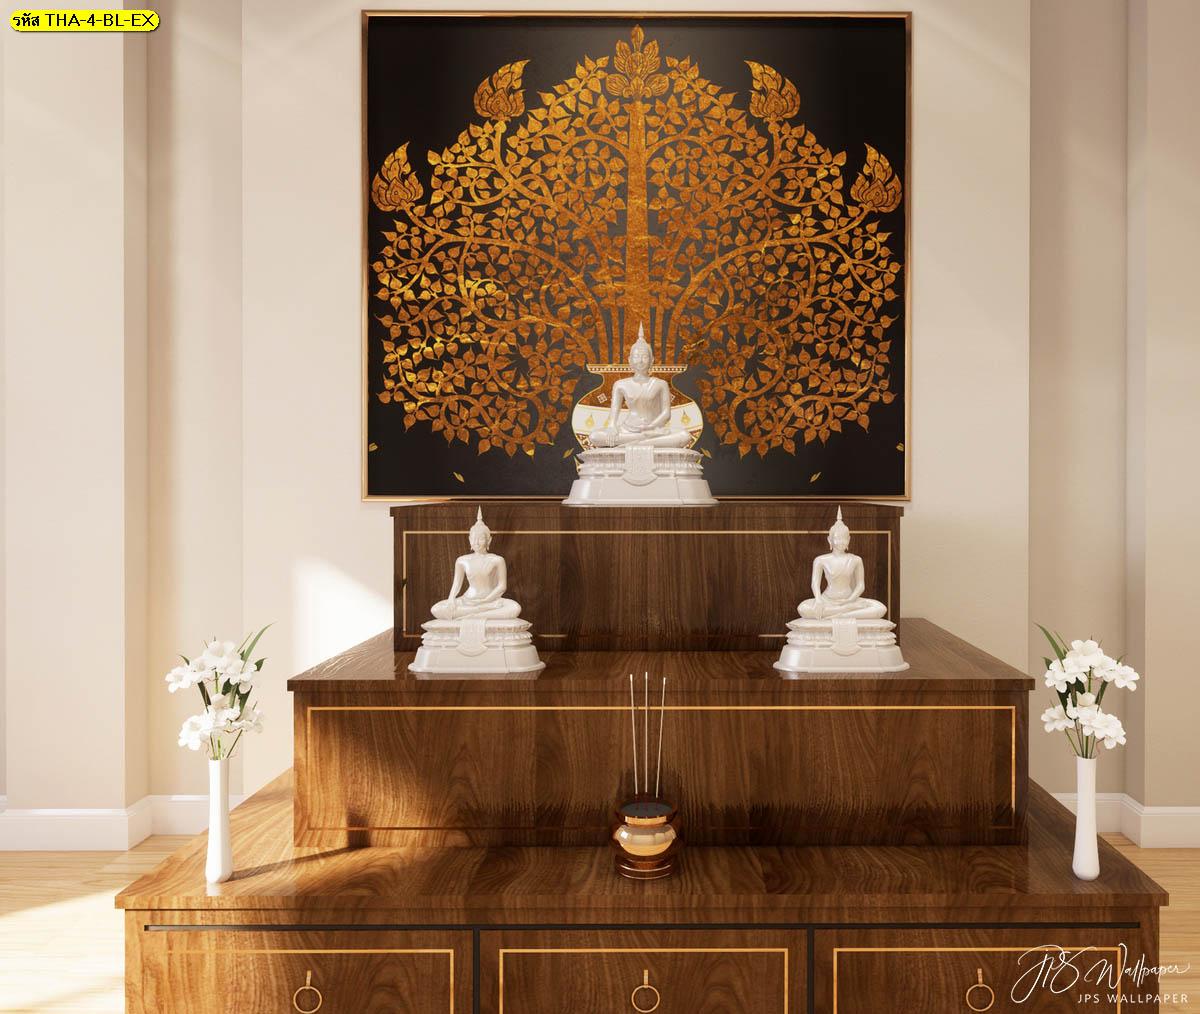 ปริ้นภาพลายไทยต้นโพธิ์ทองพื้นสีดำใส่กรอบรูป ตกแต่งเป็นภาพพื้นหลังโต๊ะหมู่บูชา